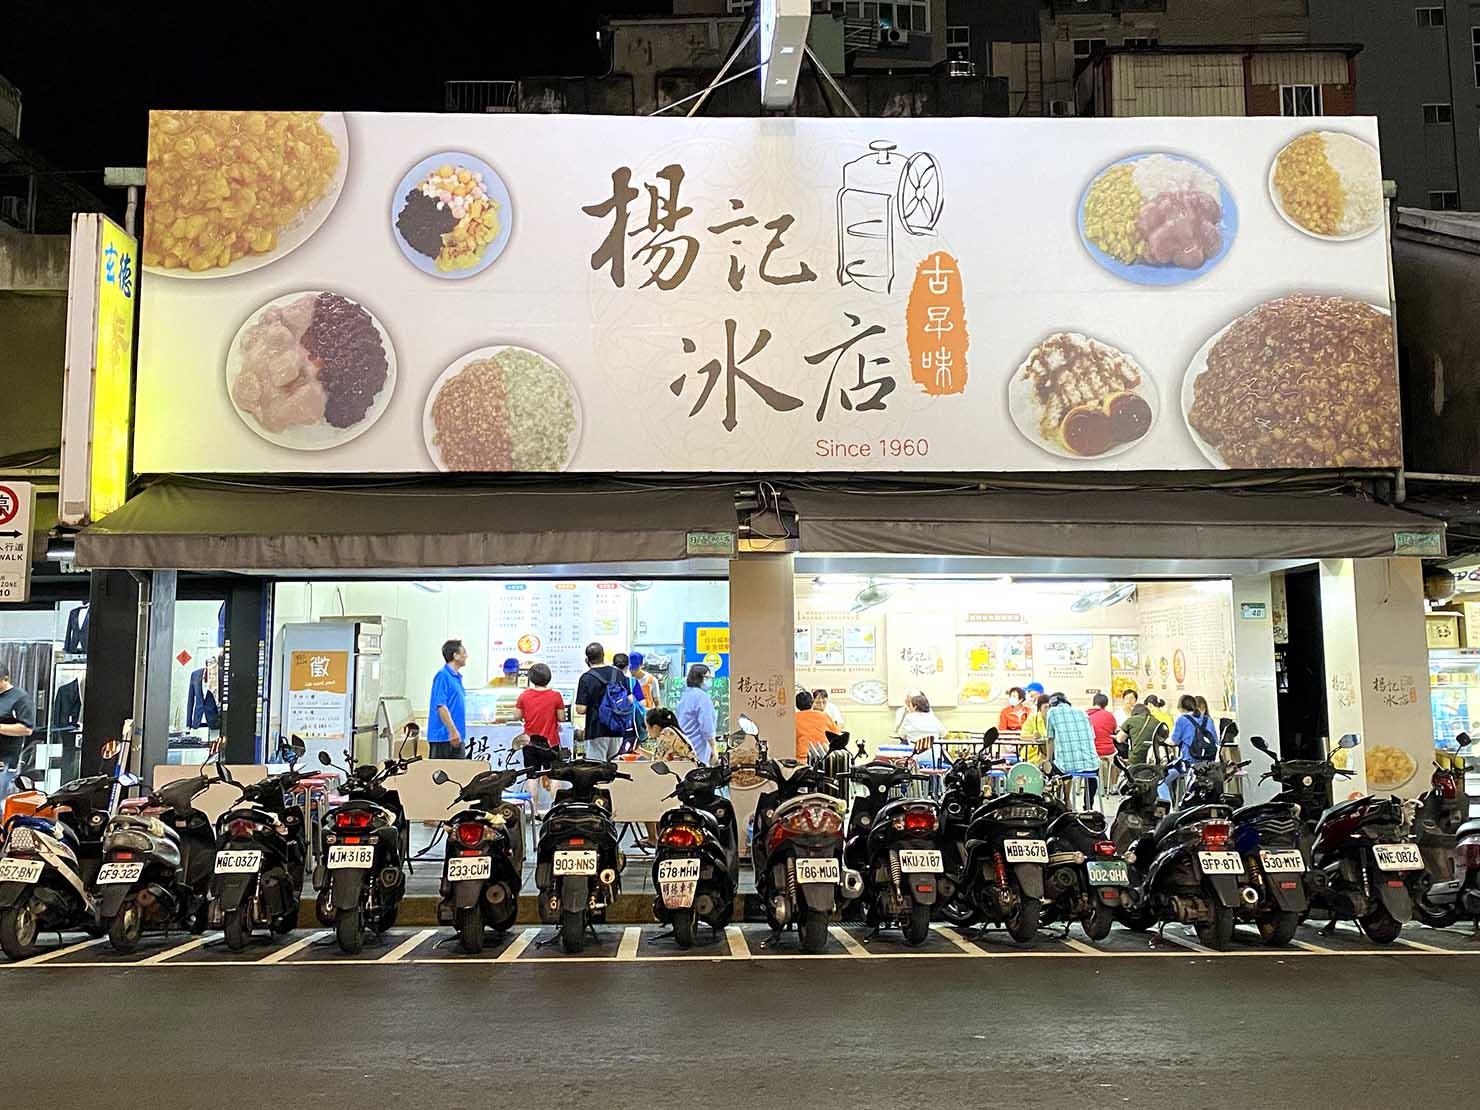 台北・西門町のおすすめひんやりスイーツ店「楊記冰店」の外観